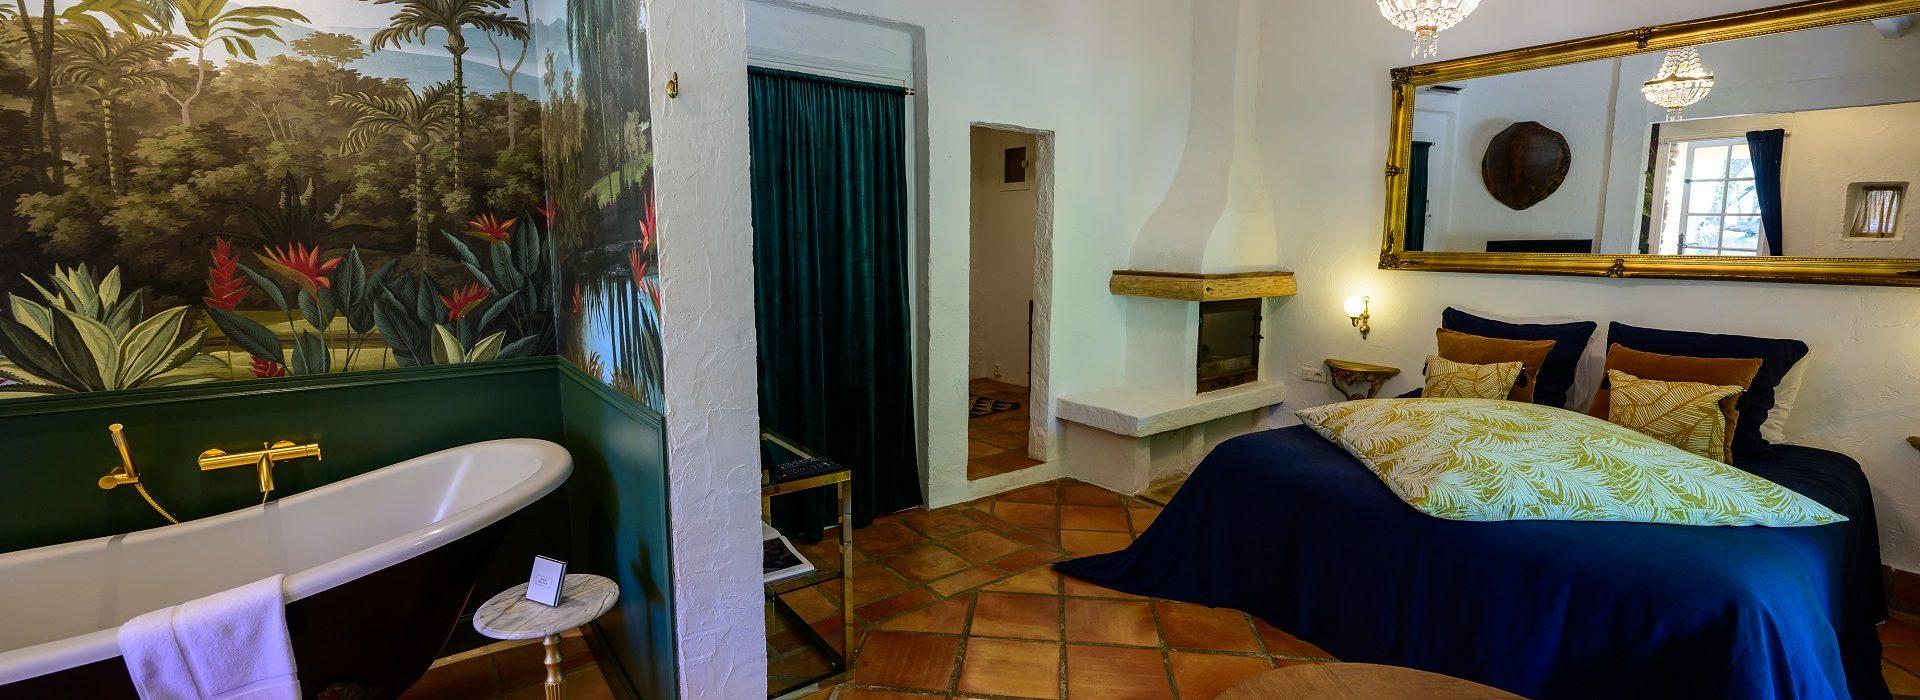 Vacance en amoureux sud de france Cézanne